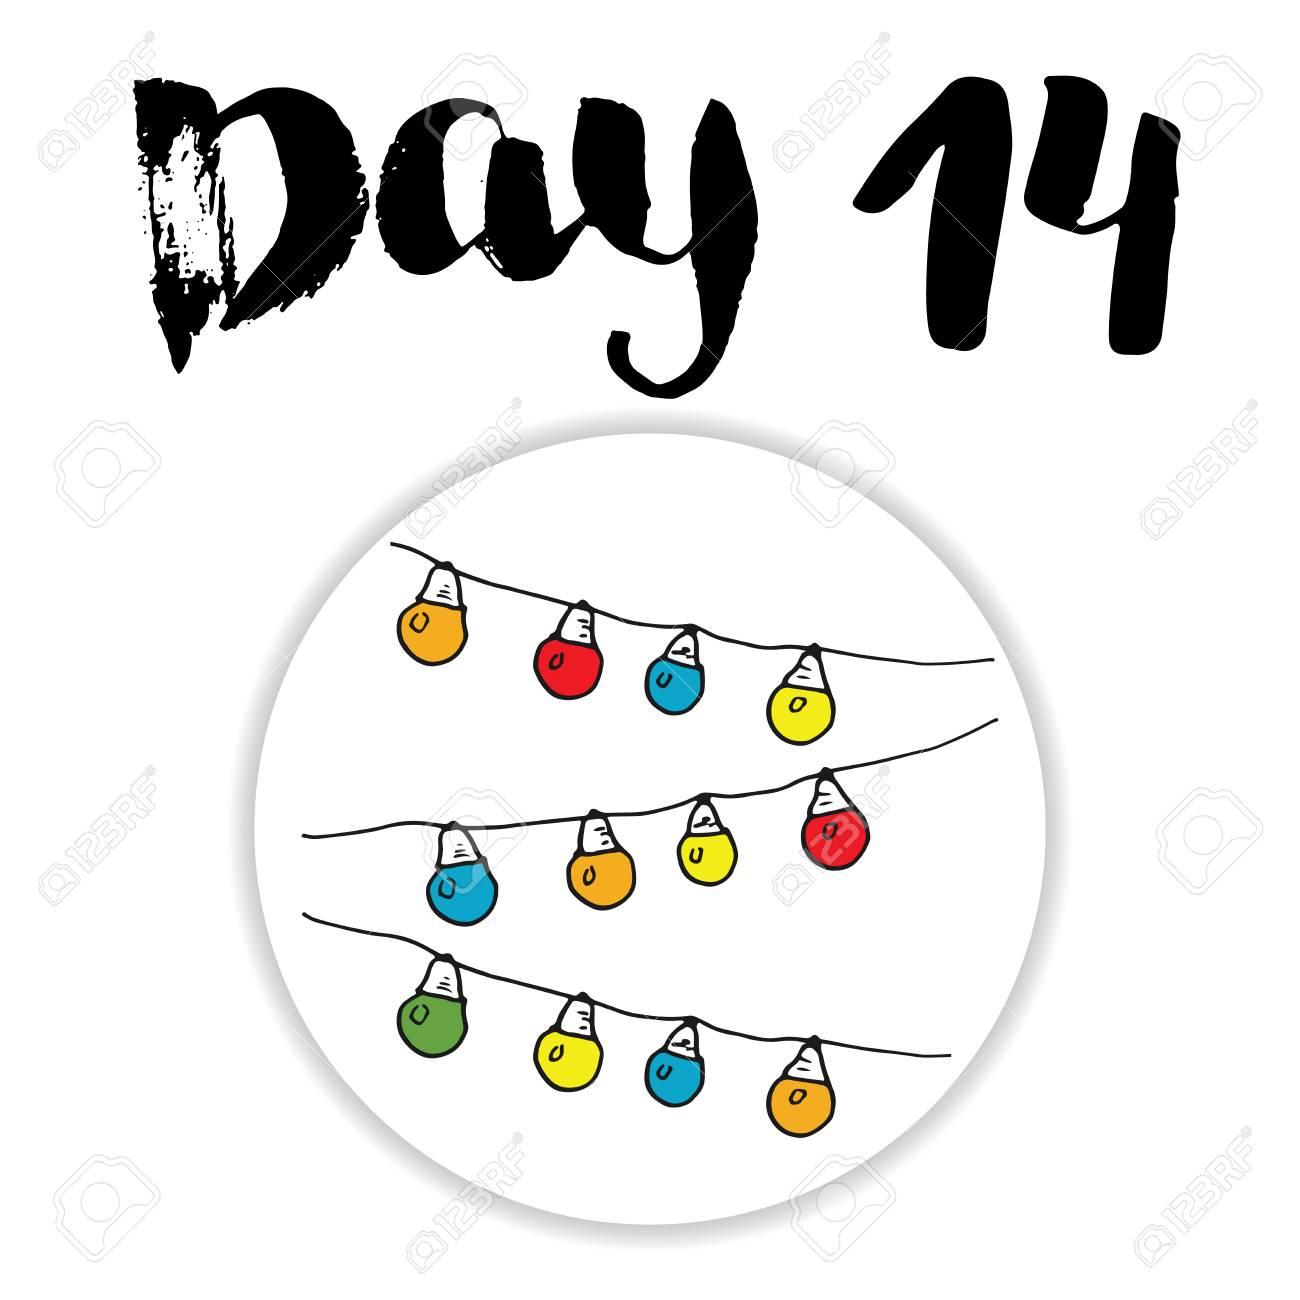 Numeri Per Calendario Avvento.Calendario Dell Avvento Natalizio Elementi E Numeri Disegnati A Mano Progettazione Di Carta Del Calendario Di Vacanze Invernali Illustrazione Di